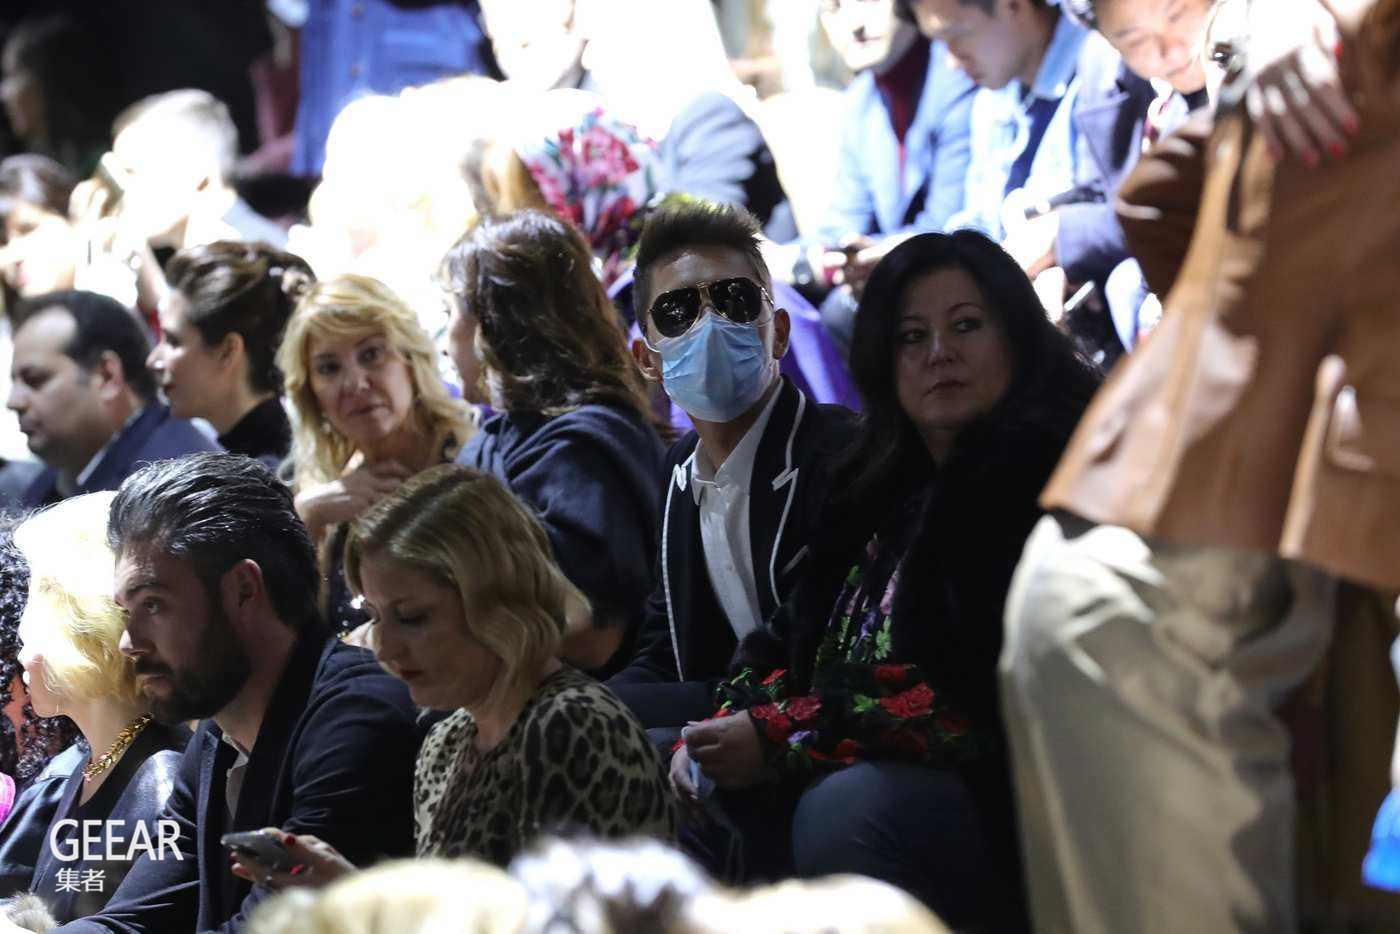 巴黎、伦敦男装周与高定时装周面临取消,米兰男装周也受影响!